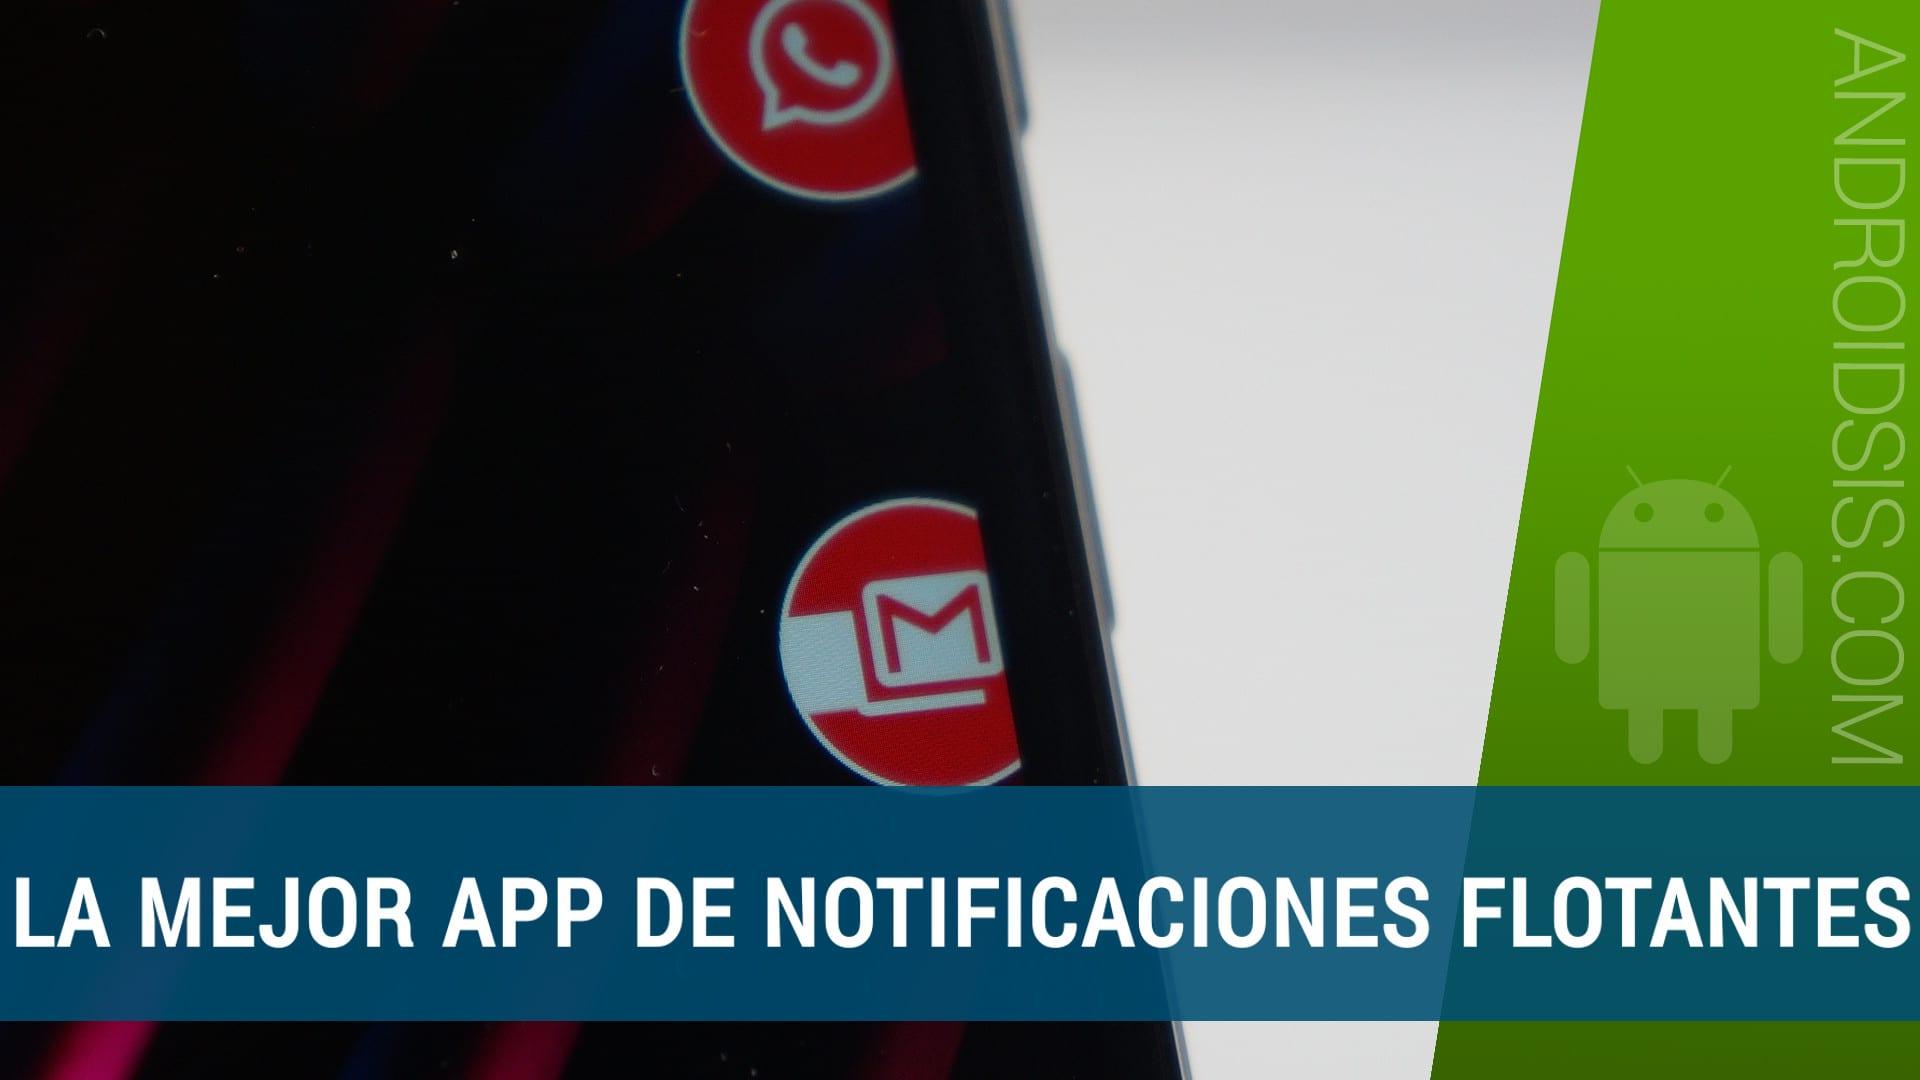 La mejor aplicación de notificaciones flotantes estilo Chat Heads